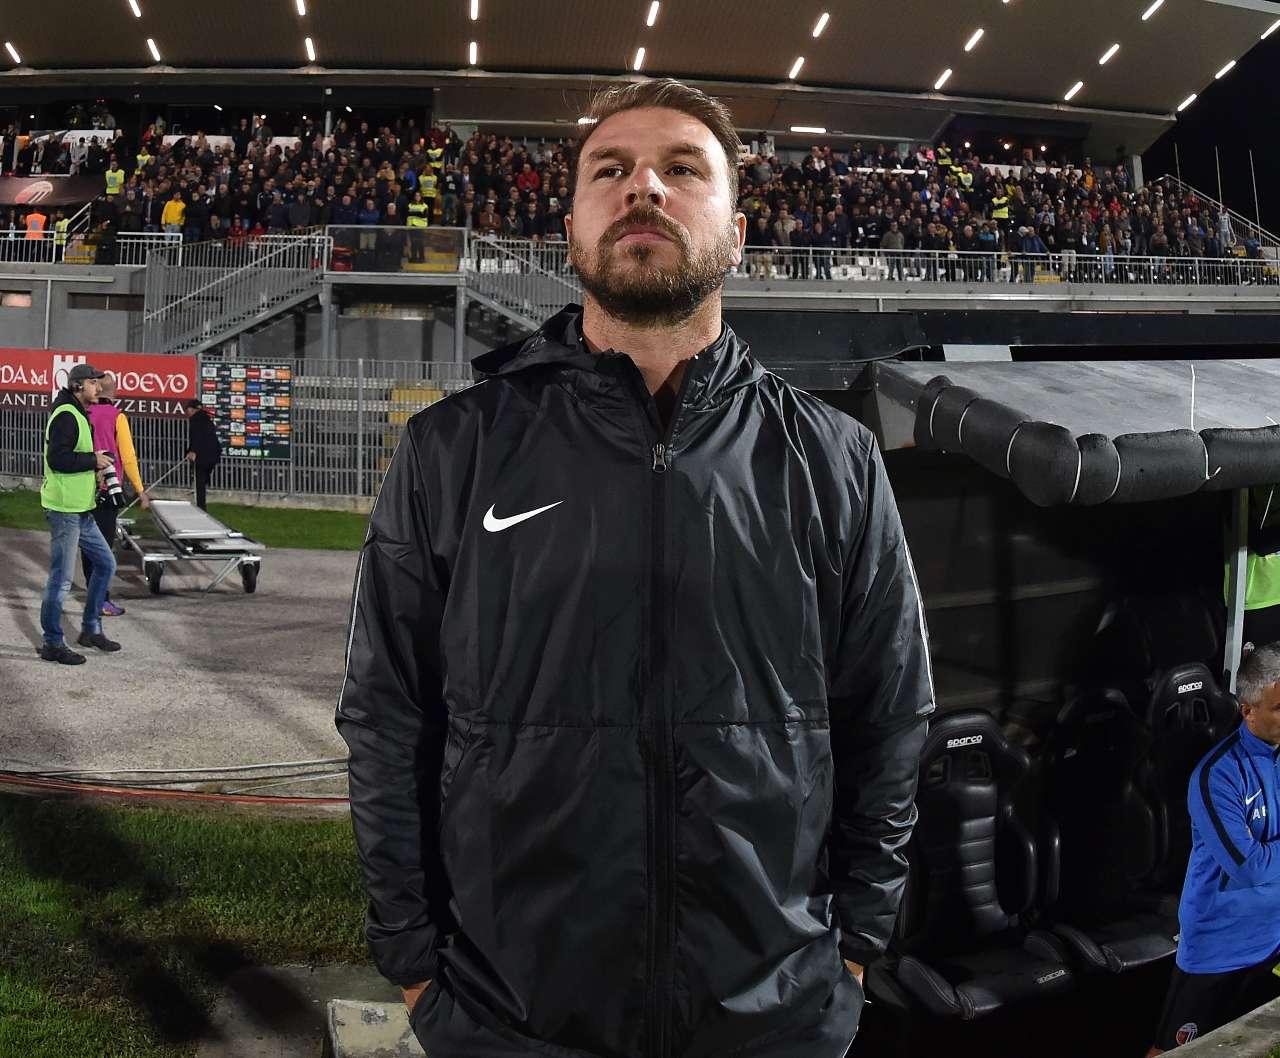 Calciomercato Venezia, ESCLUSIVO: sondaggio dalla MLS per Mazzocchi